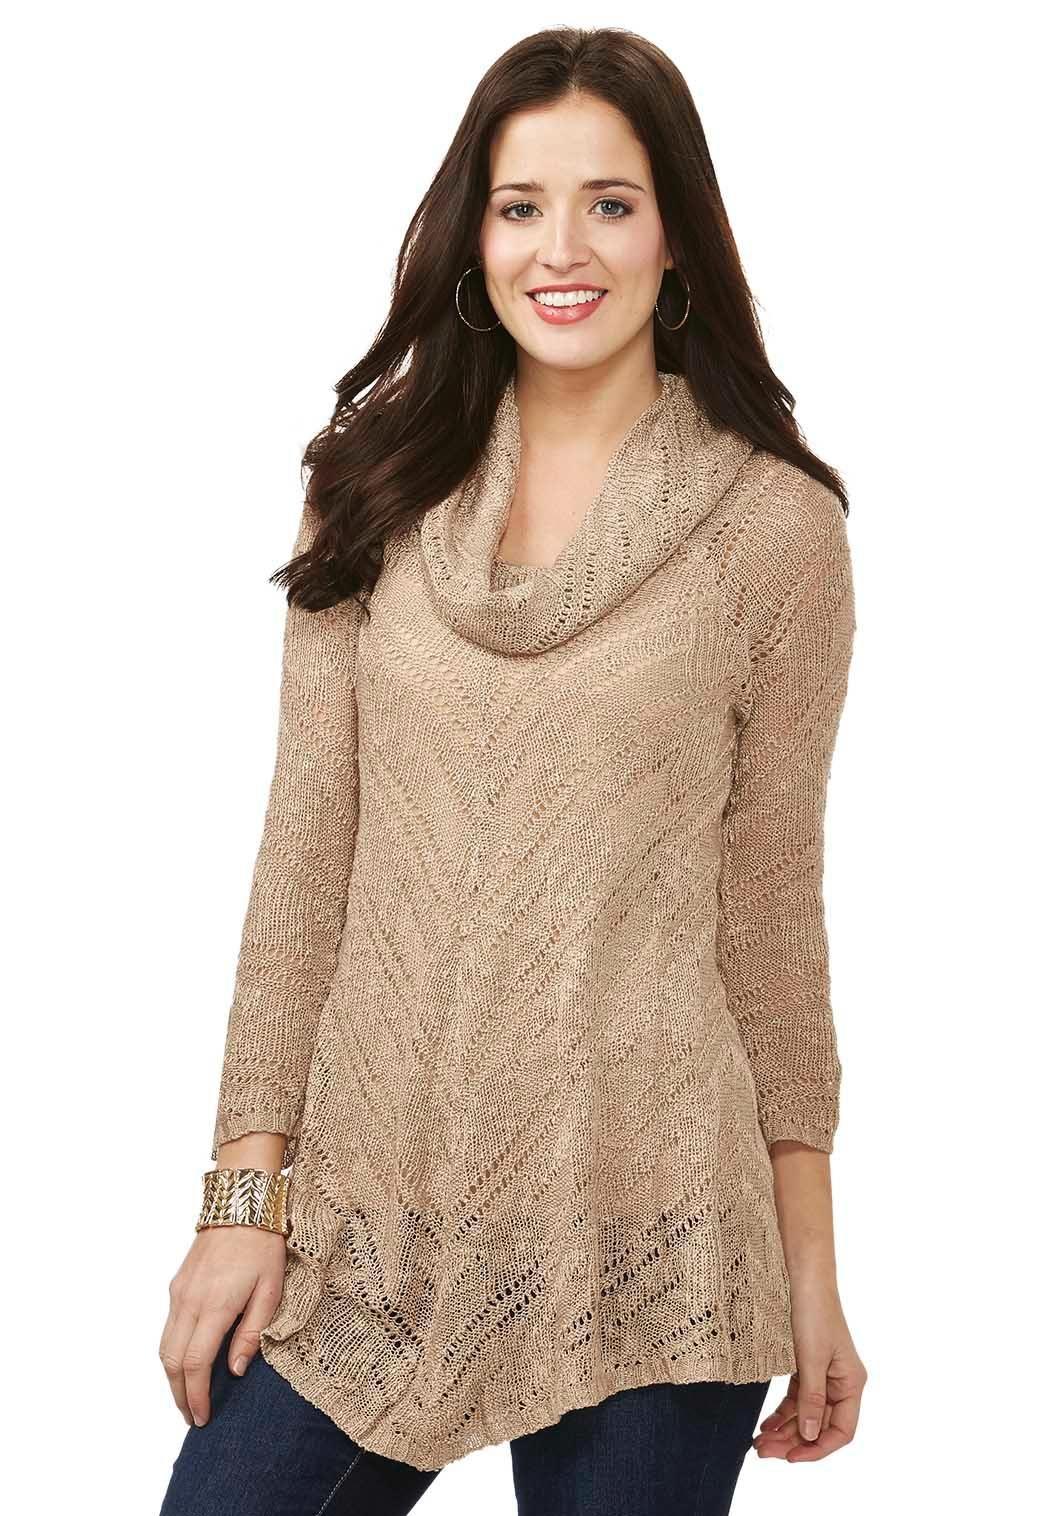 Cowl Neck Swing Sweater Sweaters Cato Fashions   Alyssa's ...